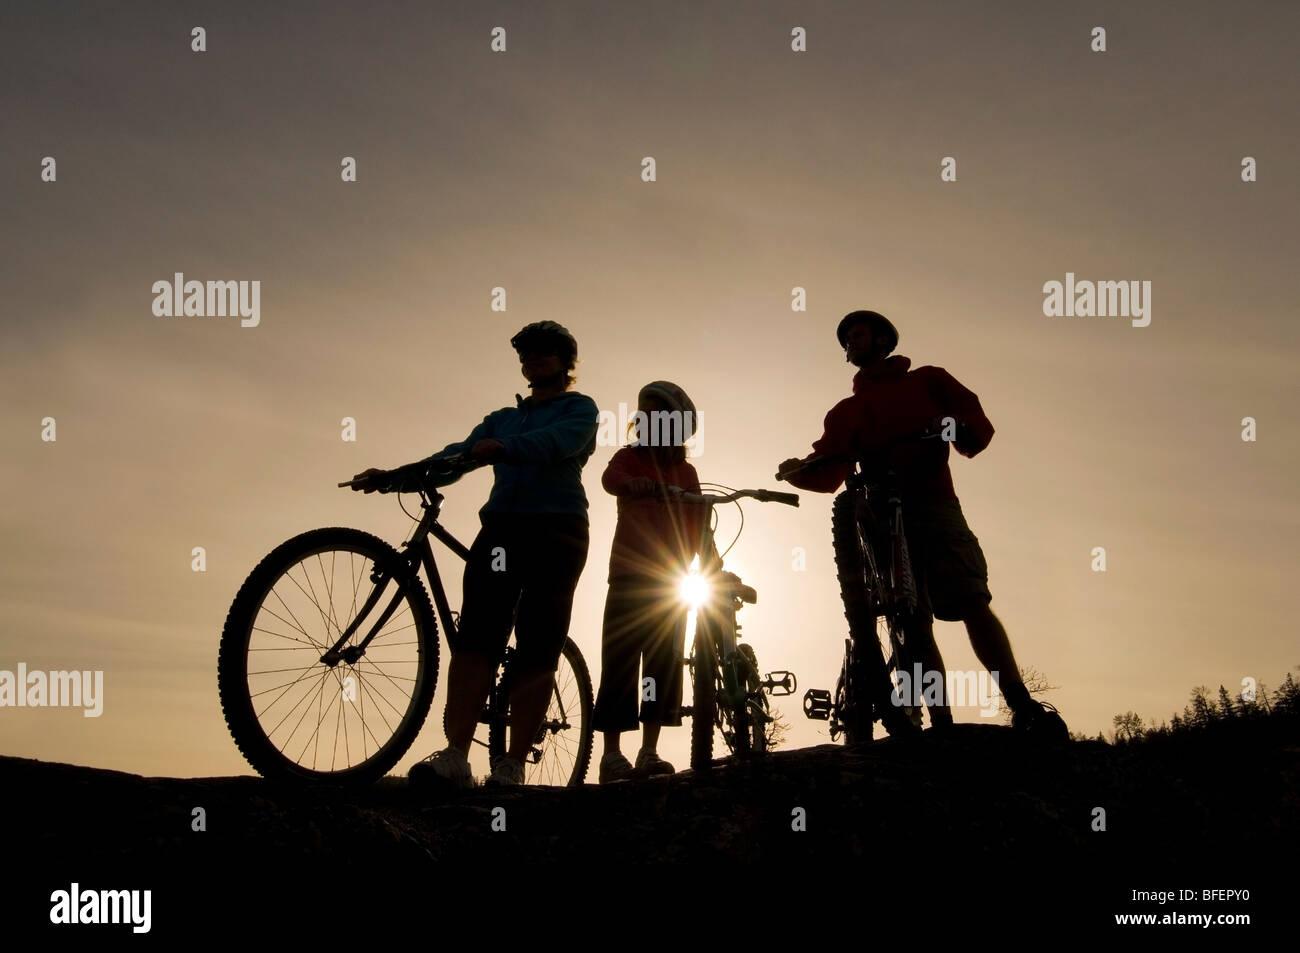 Silueta de una familia teniendo en vistas de Kamloops Lake mientras el ciclismo de montaña, al oeste de Kamloops, Imagen De Stock